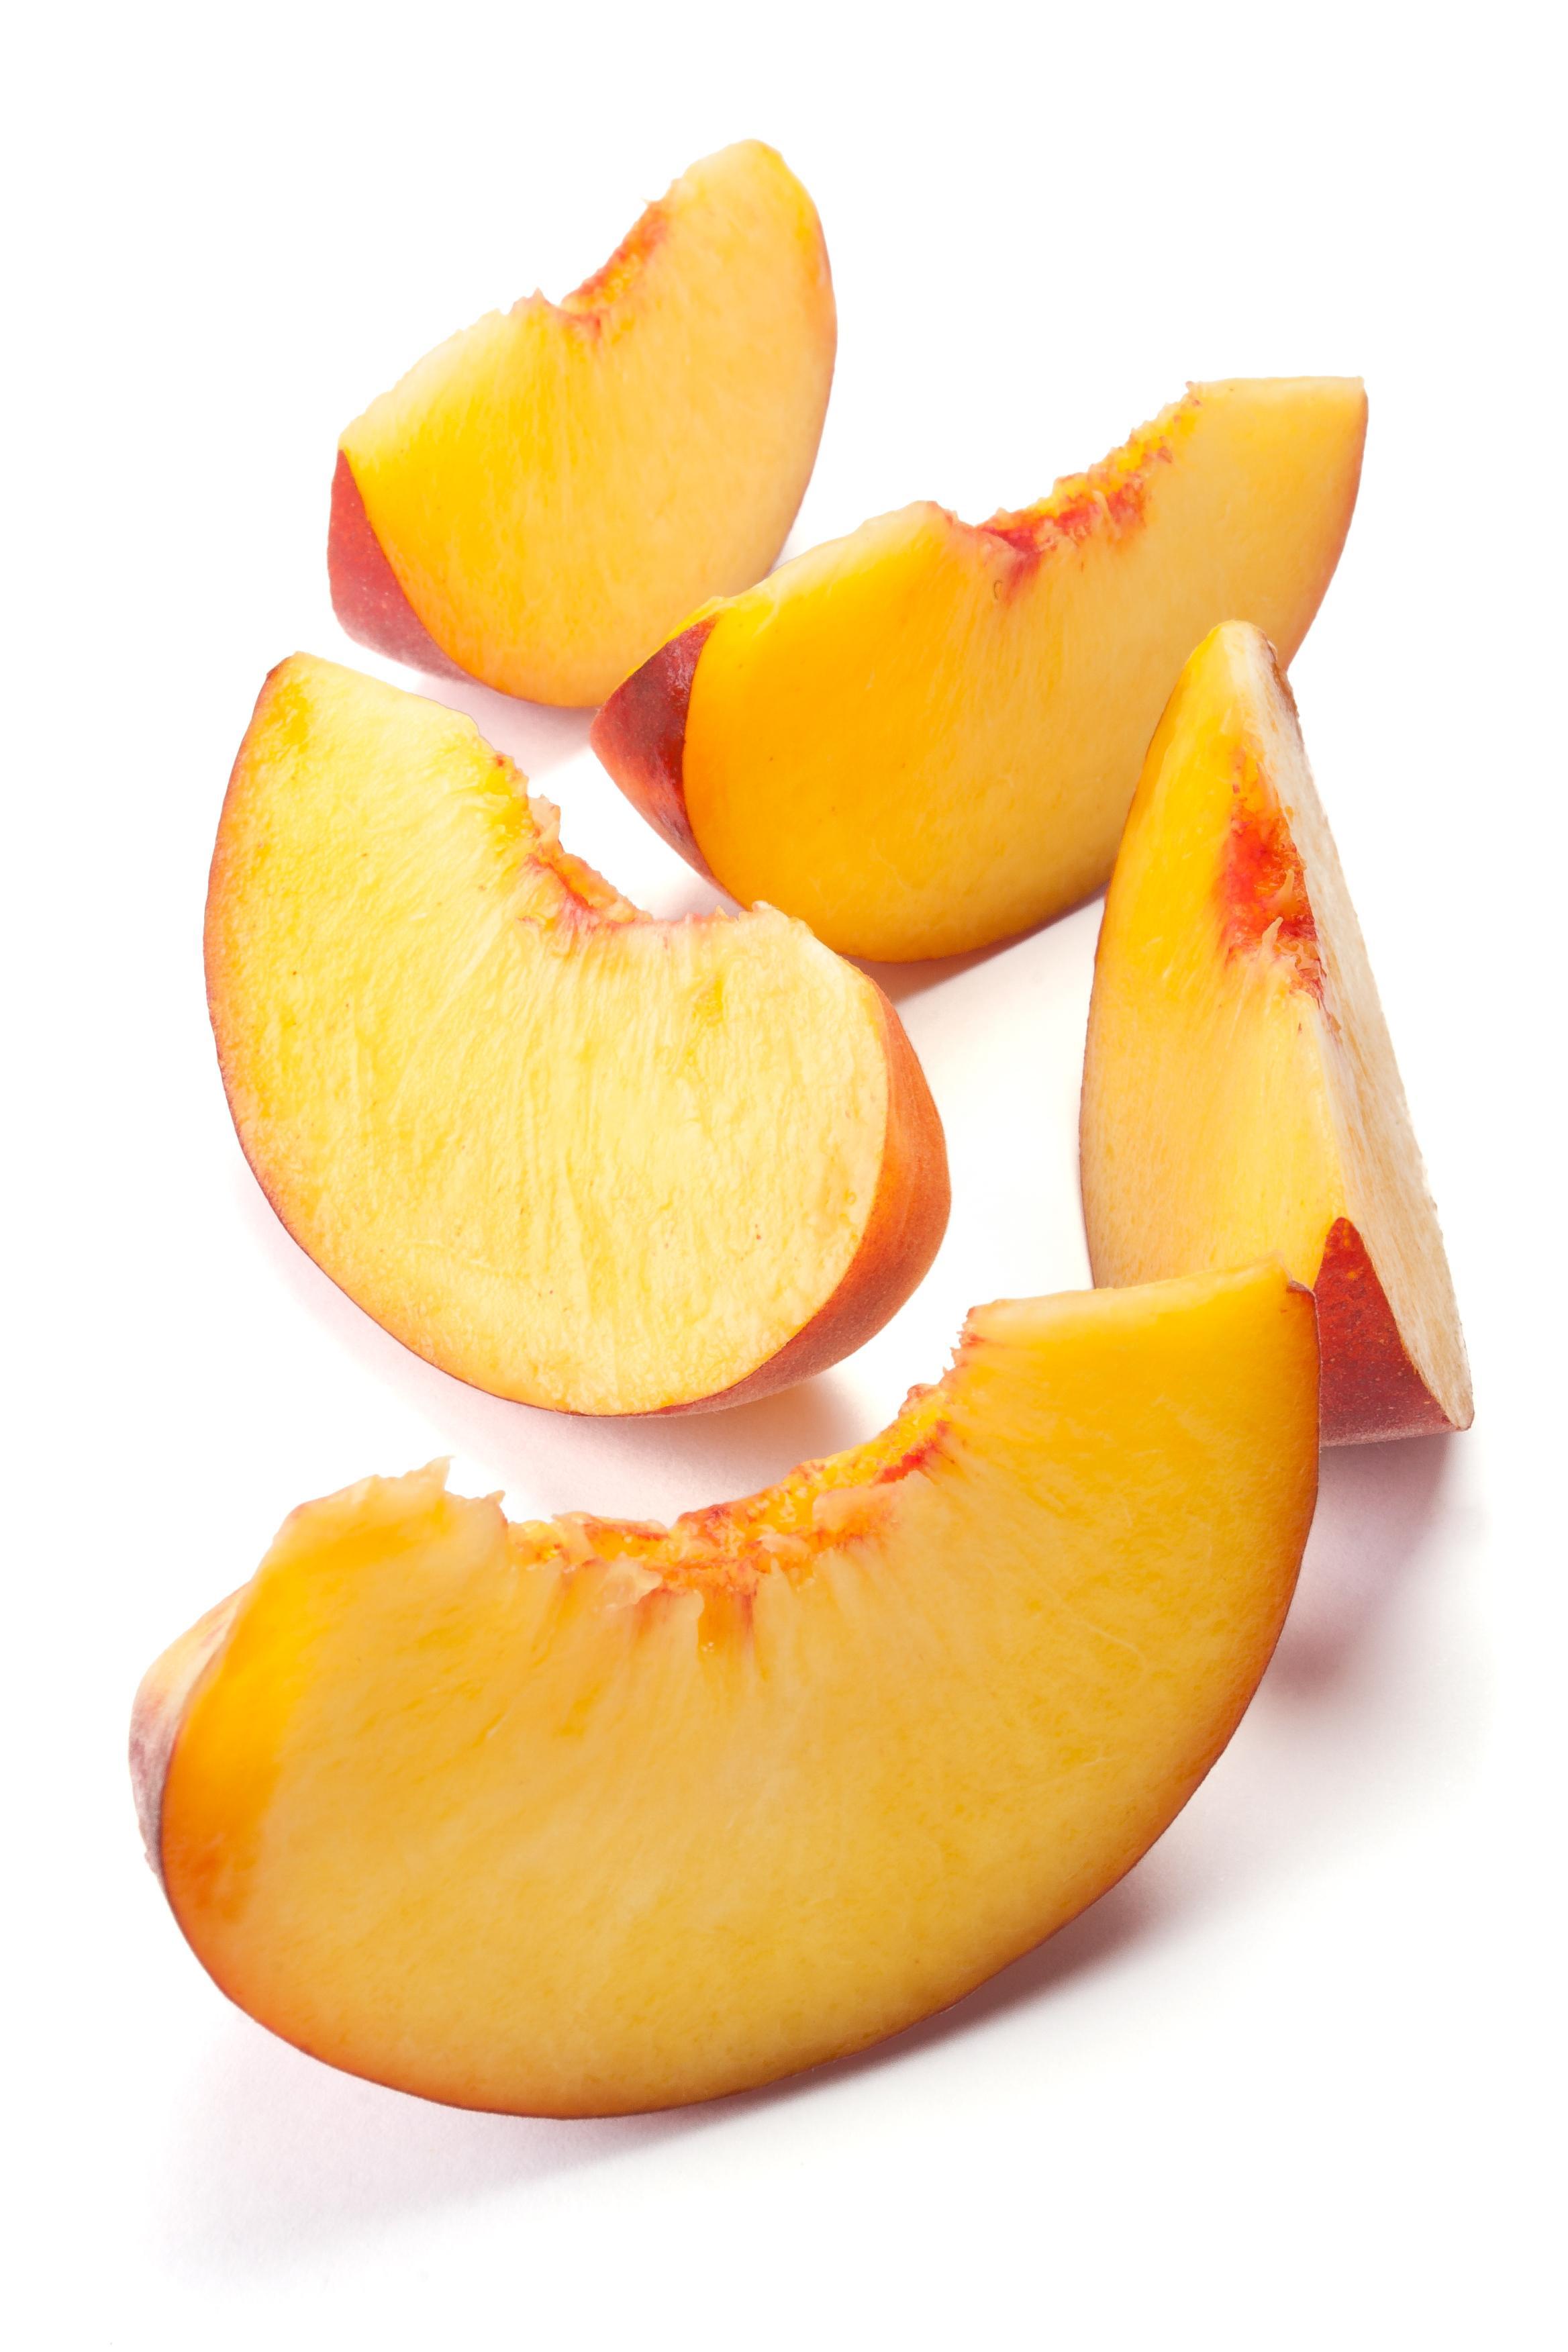 Toddler Finger Foods- Apple Slices